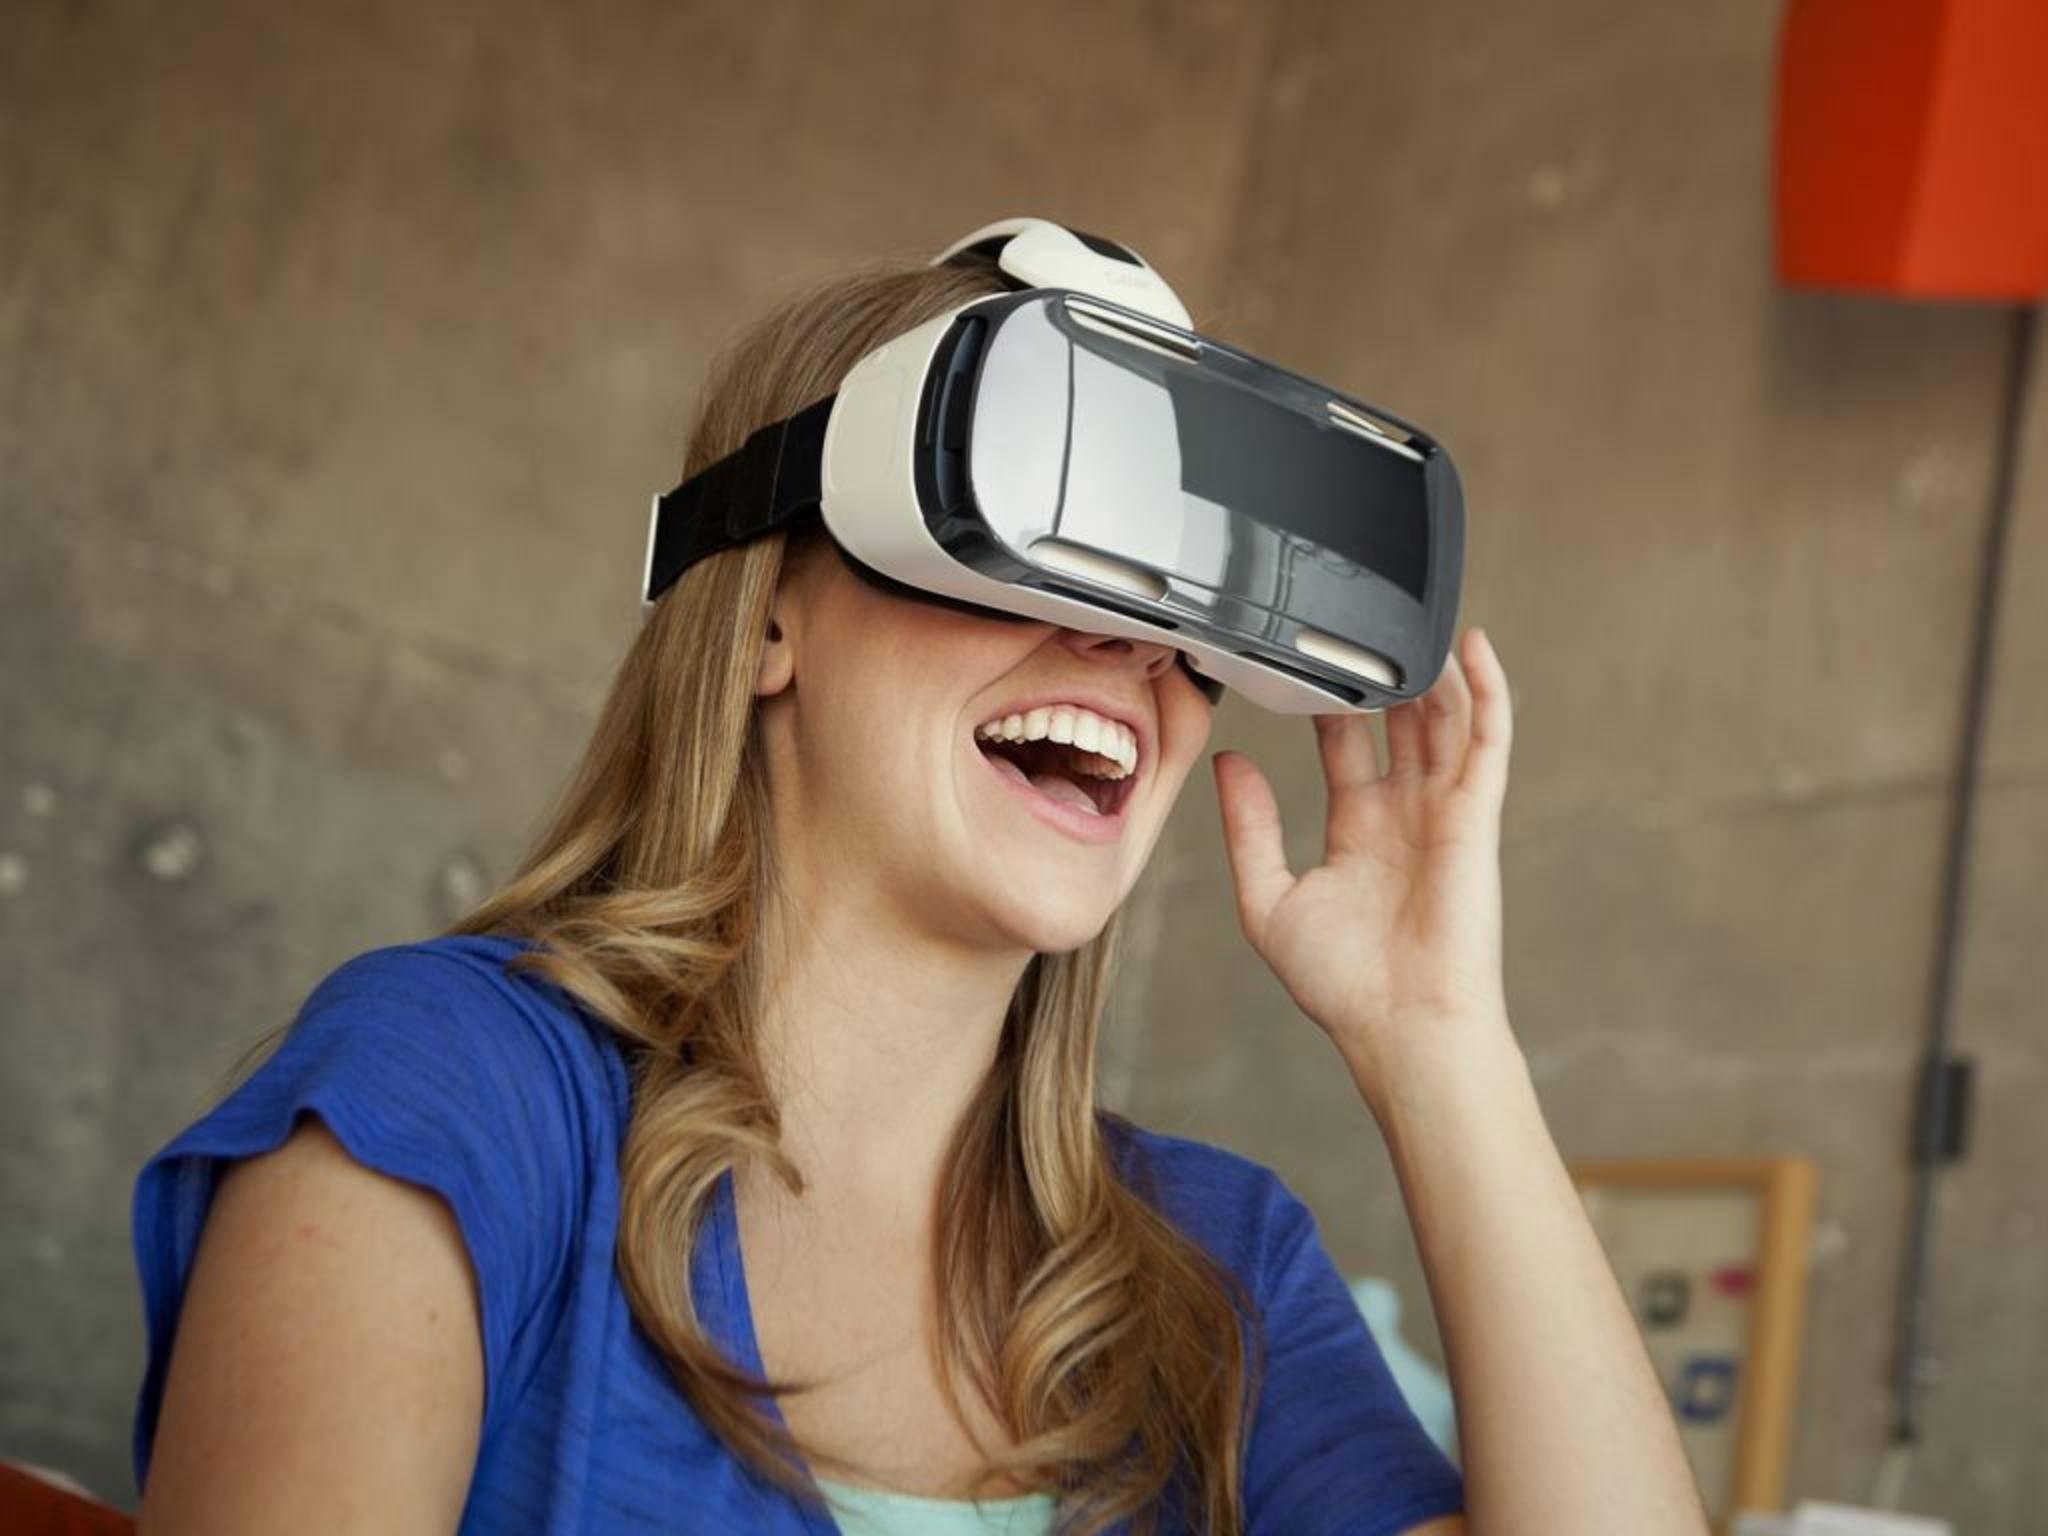 Für Early Adopters: Die Samsung Gear VR gibt's jetzt auch für das Galaxy S6.